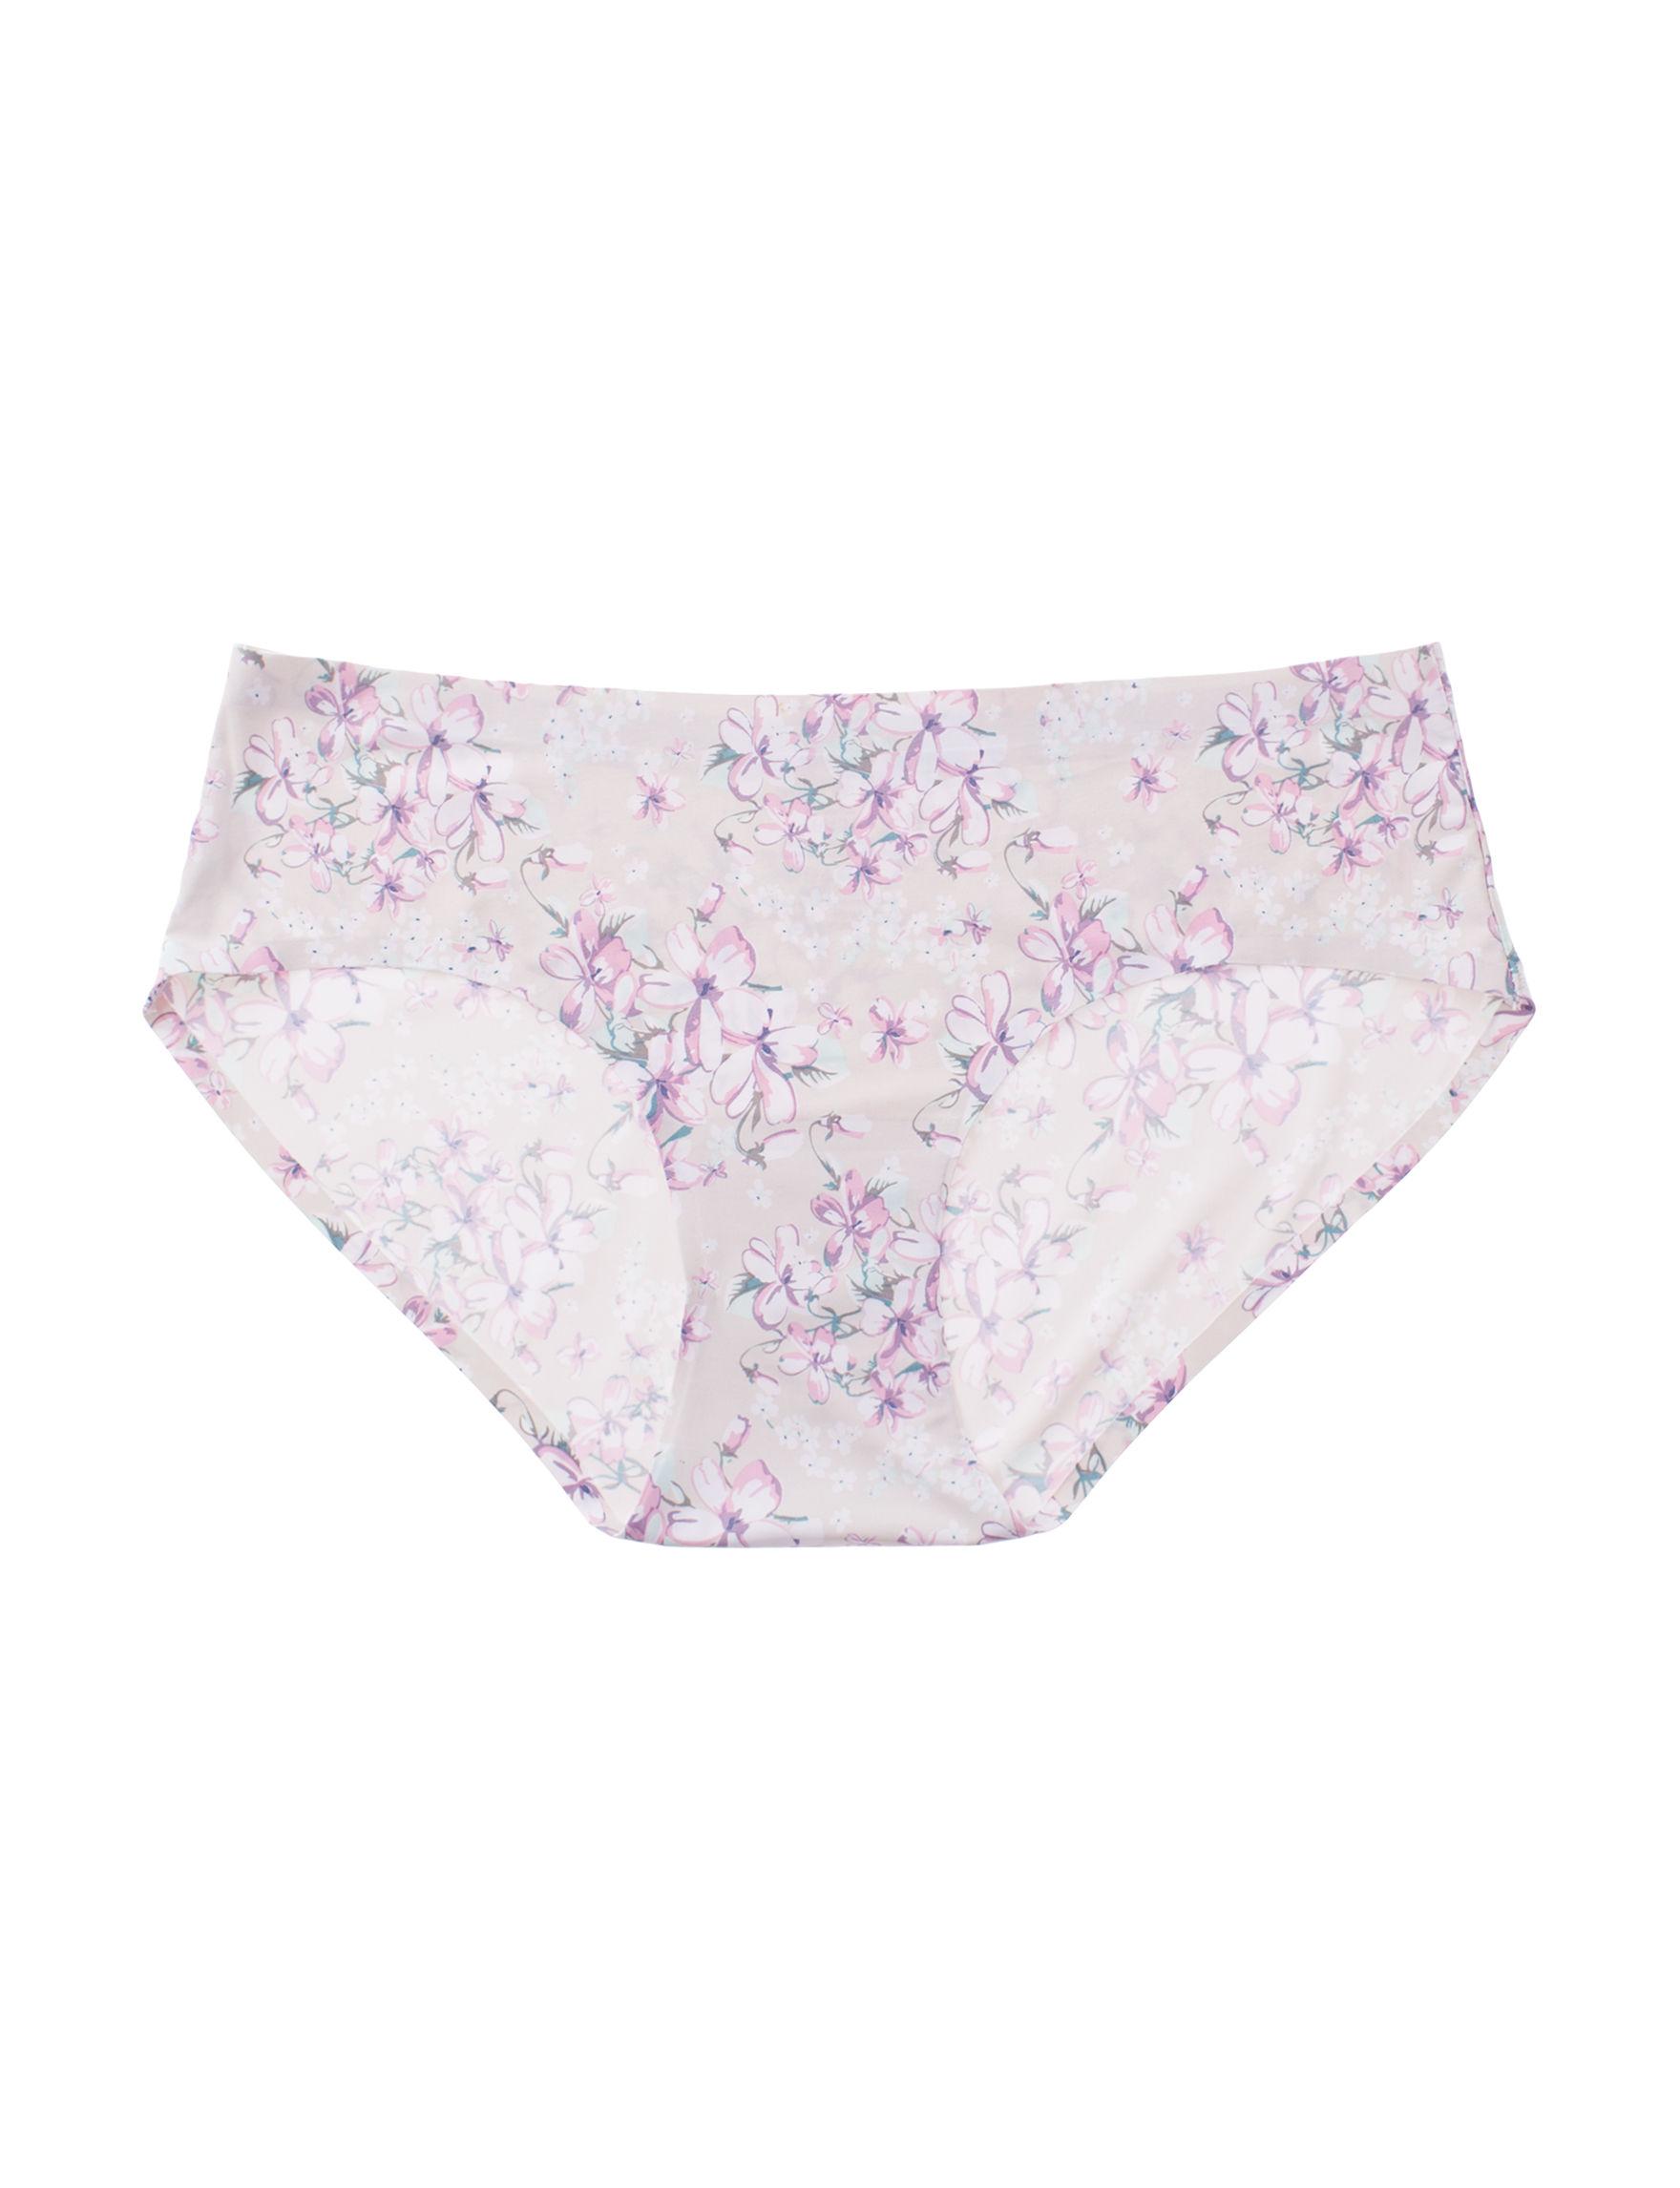 Sophie B Beige Floral Panties Hipster